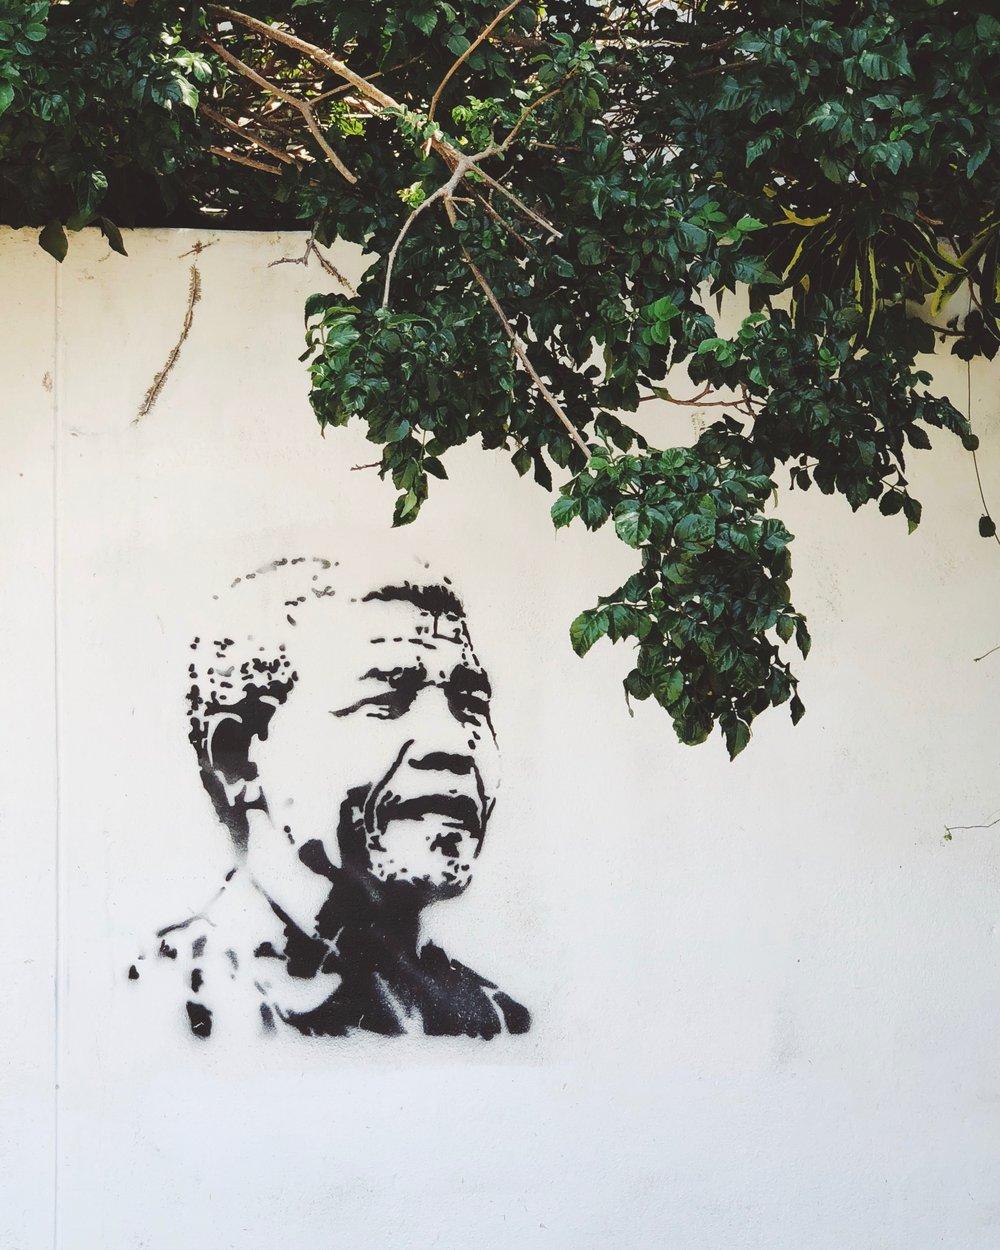 """May your choices reflect your hopes, not your fears""""- Nelson Mandela - Mina förebilder i livet var tidigt människor som Nelson Mandela, Mahatma Ghandhi, Martin Luther King, Thich Nhat Hanh. Medborgarättskämpar som insett att fredens, hoppet och kärlekens väg är den rätta vägen för förändring.Personligen så har jag alltid haft svårt för partipolitik. Även om jag varit starkt samhällsintresserad så har jag inte känt mig hemma i partipolitiska sammanhang. Det var först efter ledarskapsutbildningen Höj Rösten politikerskola och min IVLP-resa som jag fick kraften, kunskapen, verktygen och kanske framförallt modet att utmana mina rädslor och ge mig in i politiken.Valet 2018 var mitt första och det gick bra. Jag byggde en kampanj utan påhopp och pajkastning. Med fokus på fakta, balans och underbyggda påståenden. Och med fokus på att prata om den politik jag står för, inte främst vad som är fel med motståndarnas politik. Jag är tacksam för att det ledde till att jag fick förtroende från Faluborna och mitt parti (socialdemokraterna) att representera dem i kommunfullmäktige.Jag är också otroligt glad och tacksam att parallellt med politiken kunna fortsätta med att skriva och föreläsa, som ju är mina stora passioner vid sidan av politiken och att kunna försörja mig på att göra det jag älskar och där jag känner att jag kan göra skillnad tillsammmans med andra. Jag försöker varje dag att utmana mina rädslor och leva upp till ett annat Mandela-citat:""""I learned that courage was not the absence of fear, but the triumph over it. The brave man is not he who does not feel afraid, but he who conquers that fear.""""Om jag kan inspirera andra till att också våga följa sina drömmar och möta sina rädslor så gör jag mer än gärna det. Jag tror vi skulle få en mycket bättre värld om fler tog steget utanför sina bekvämlighetszoner och gjorde det där som de drömmer om att våga göra."""